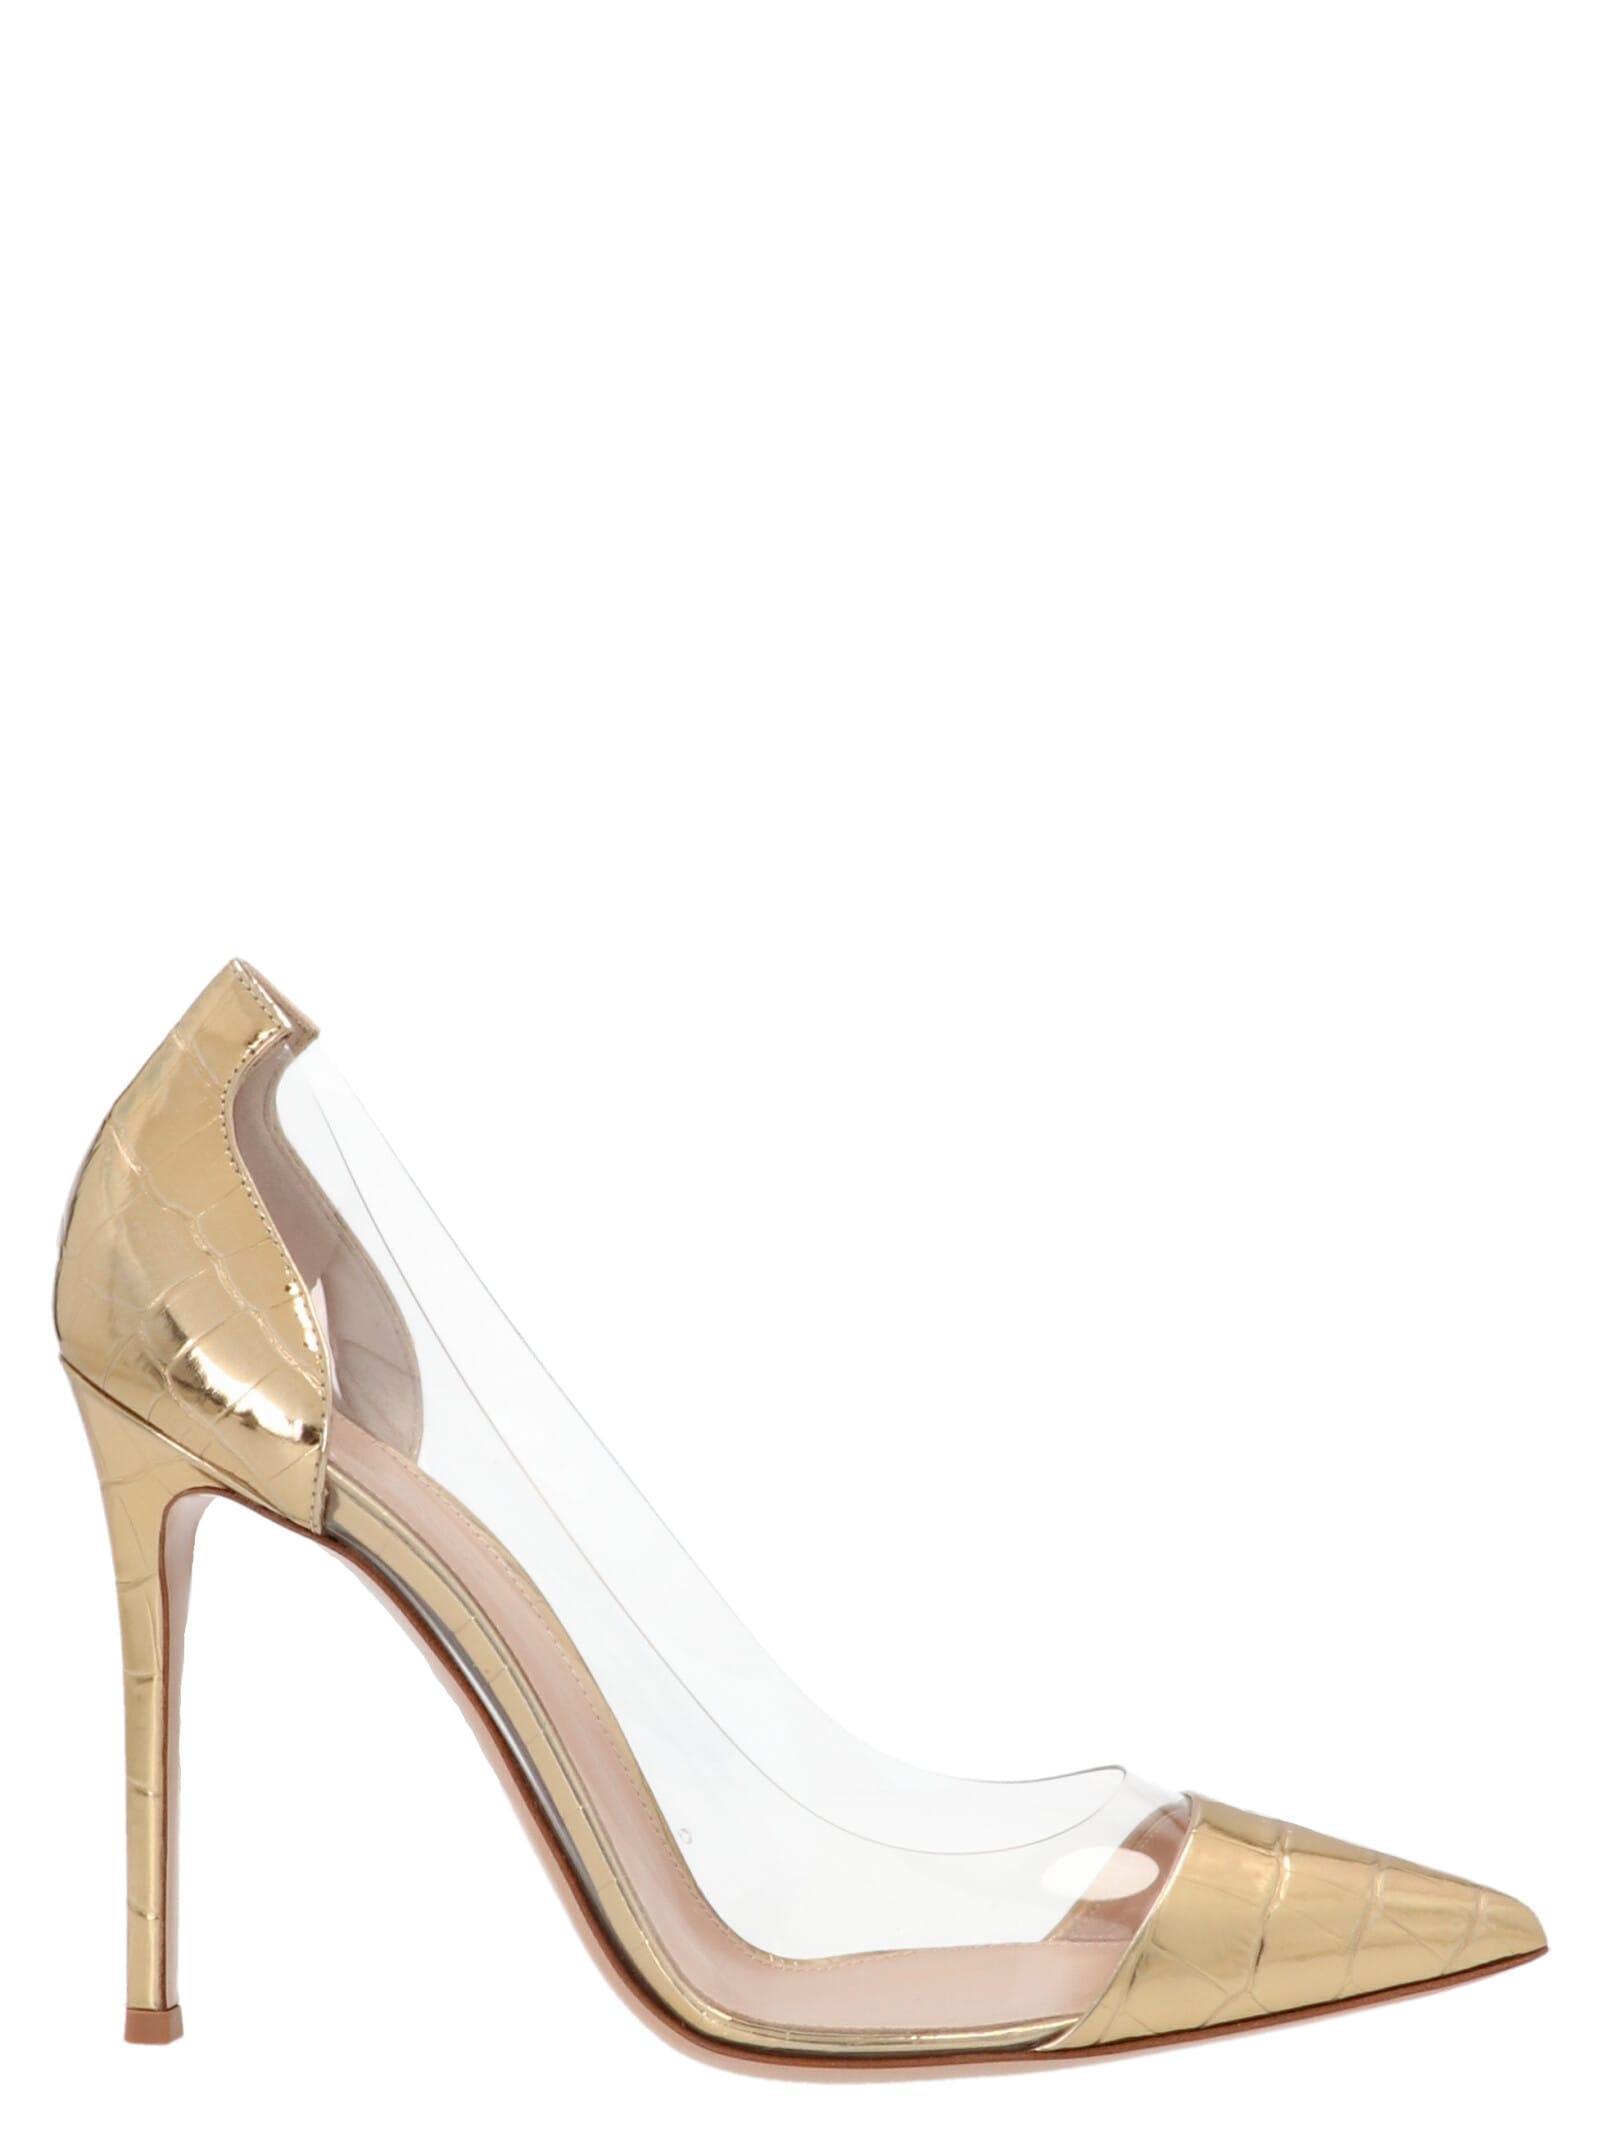 Gianvito Rossi plexi Shoes